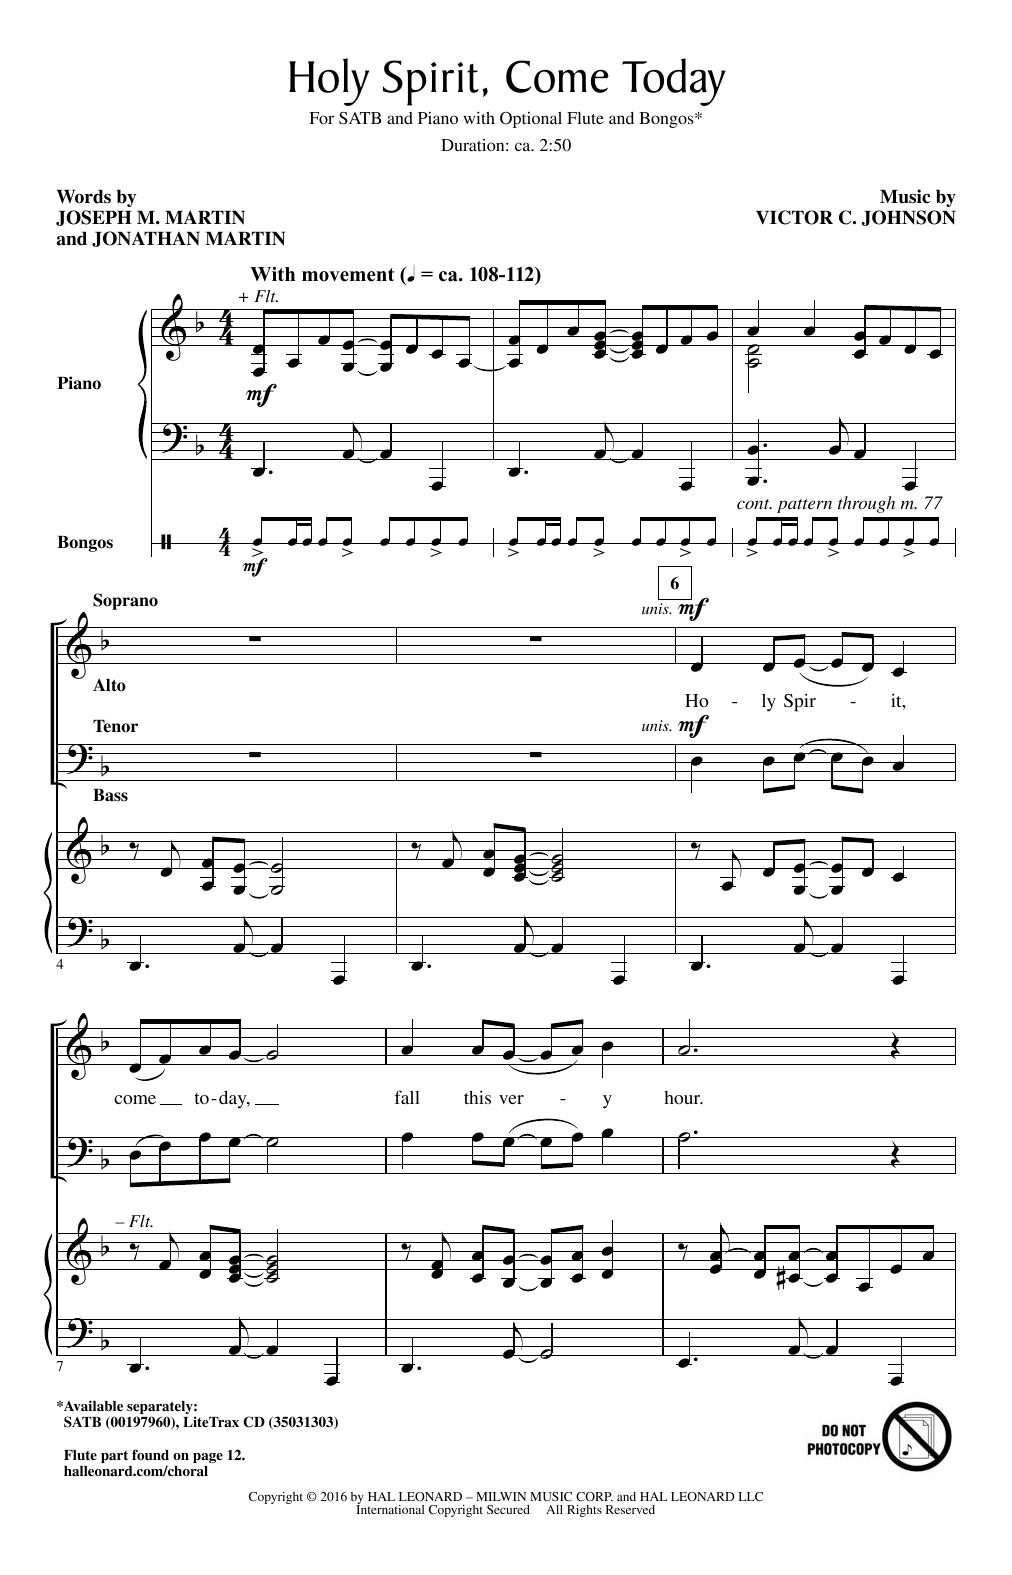 Holy Spirit, Come Today (SATB Choir)